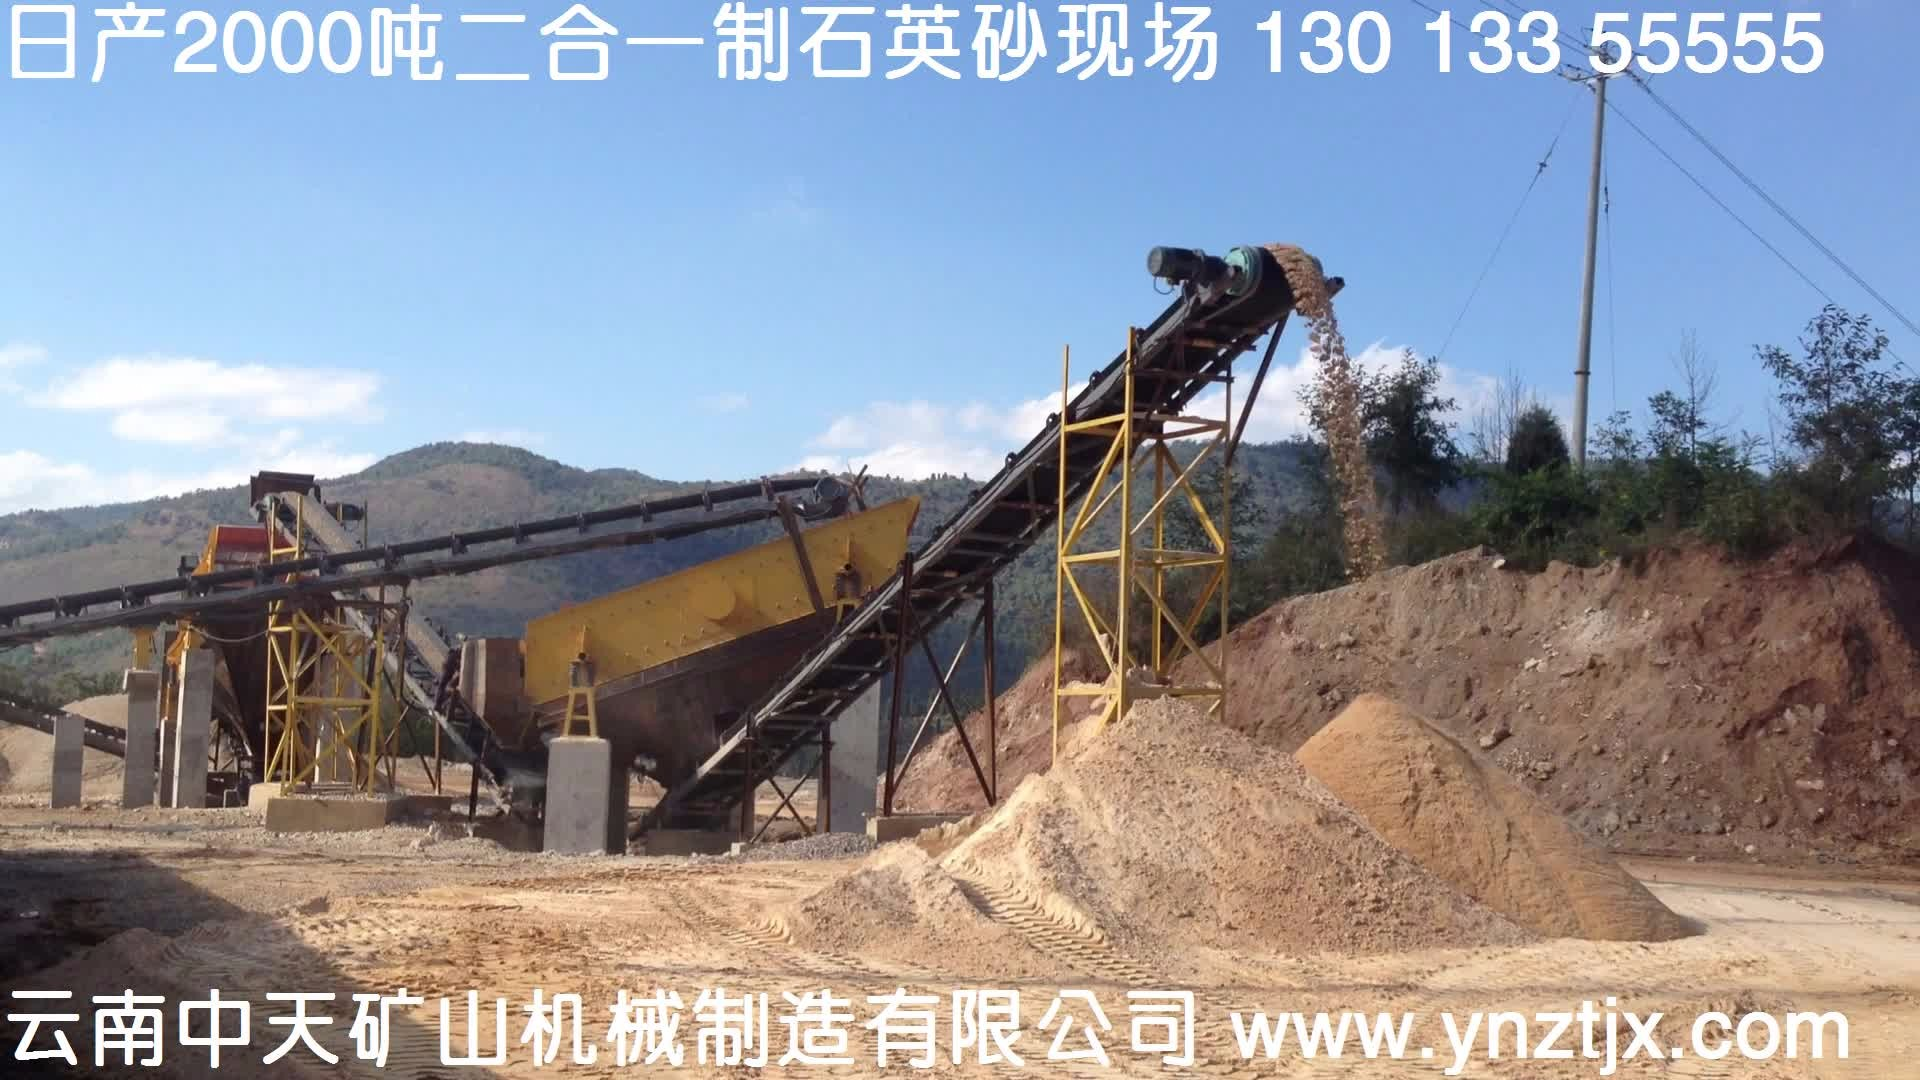 云南日产2000吨manbetx官网电脑版制石英砂生产线一